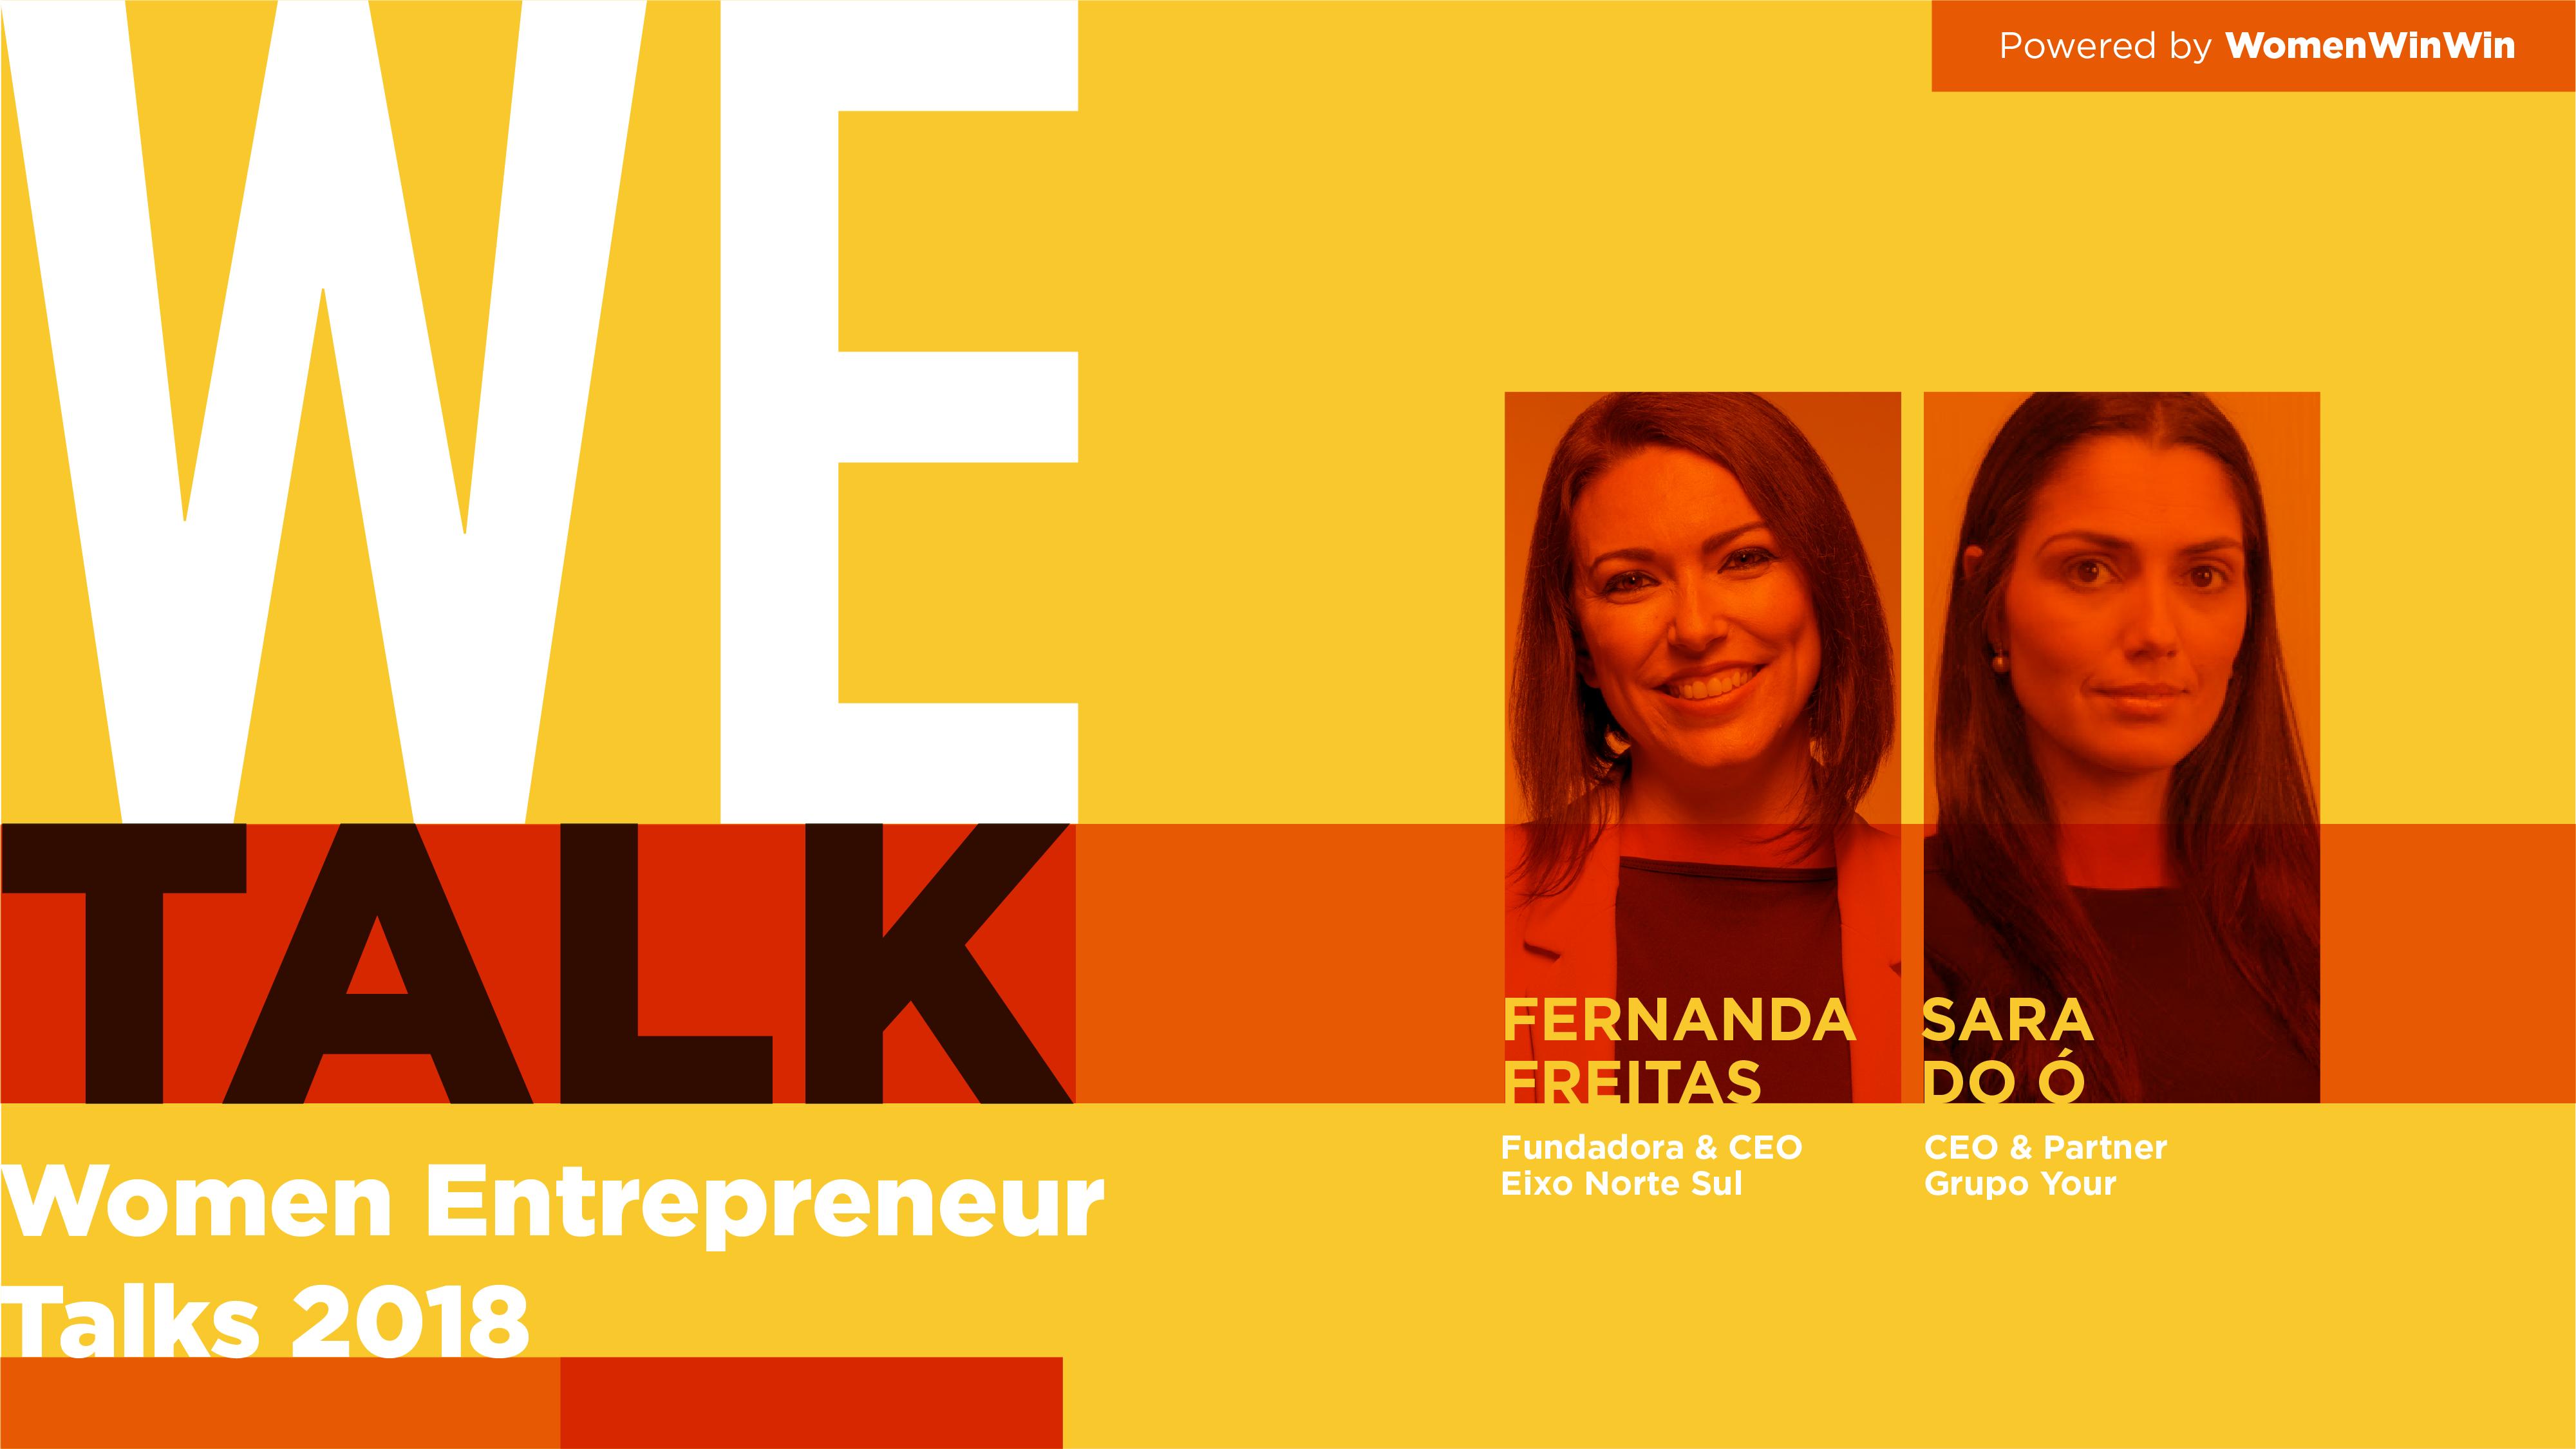 Ciclo Women Entrepreneur Talks by WomenWinWin